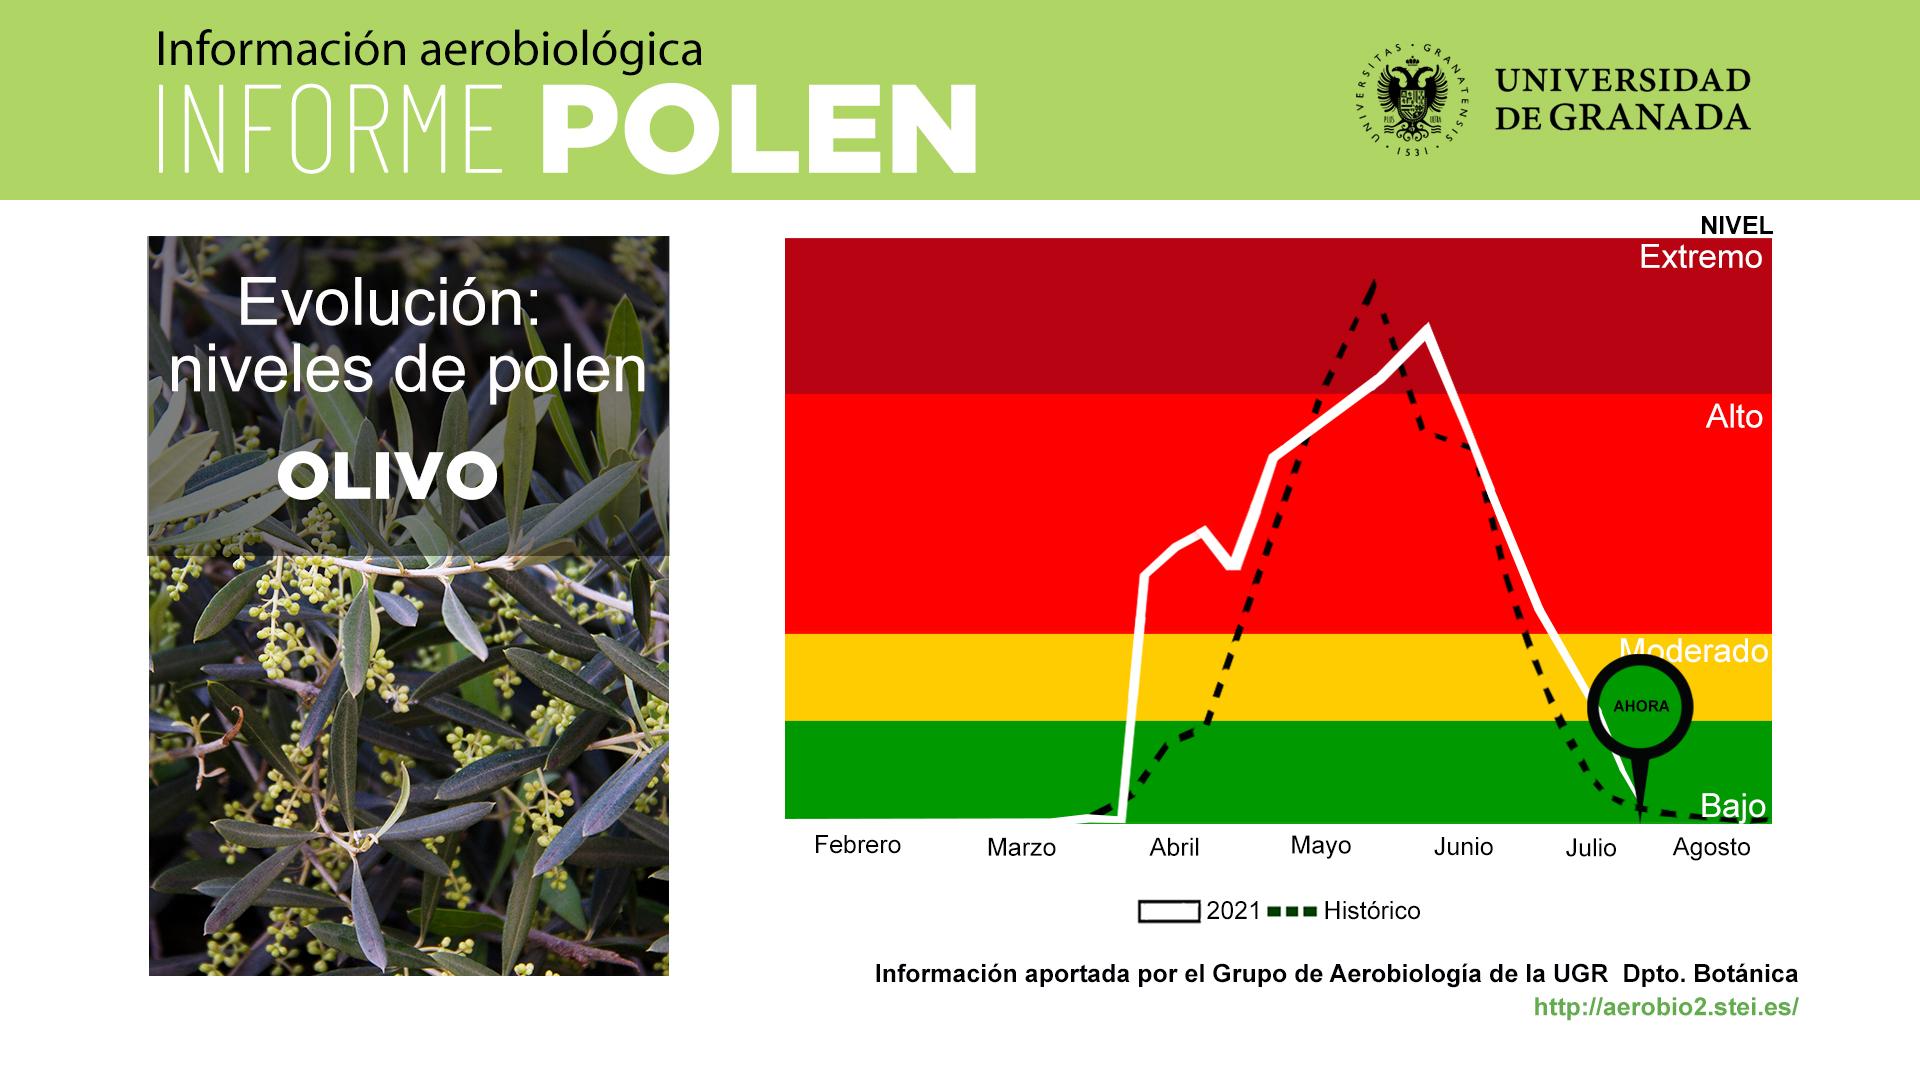 Agosto será un mes con bajo nivel de polen en la atmósfera de Granada